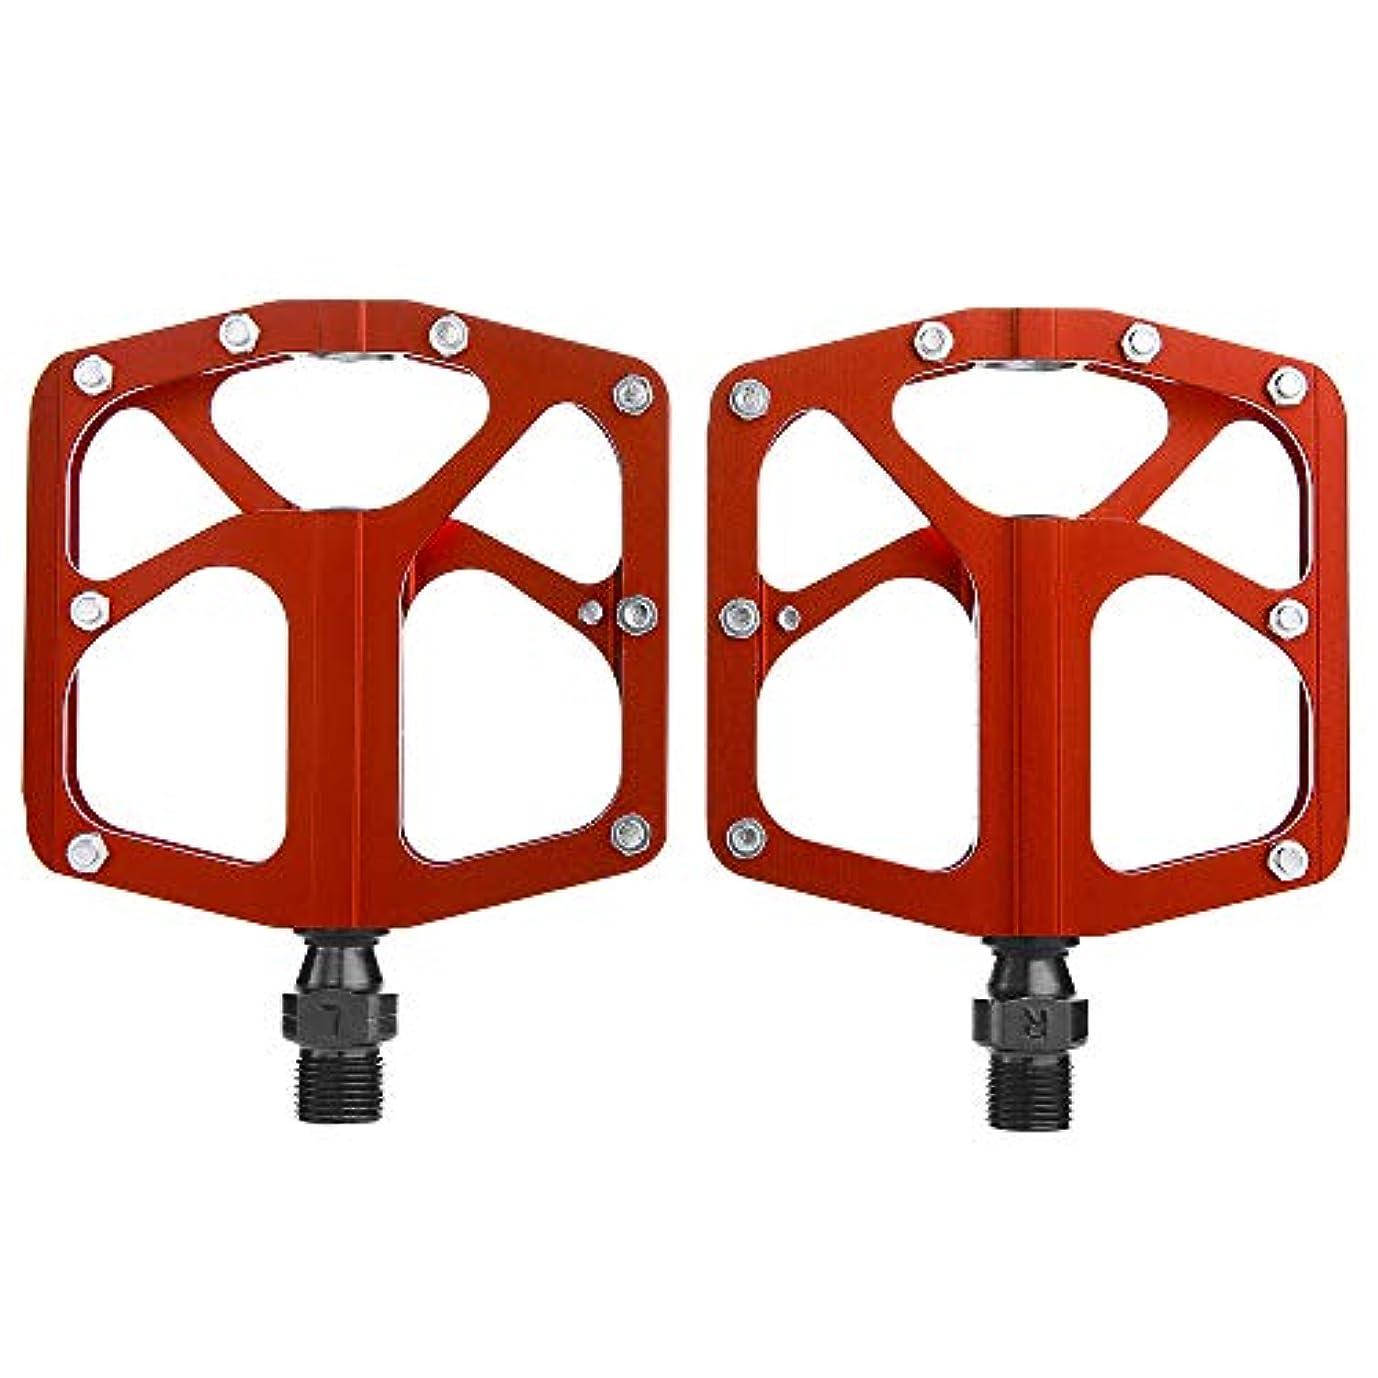 製造下品徹底的にRakuby 軽量 バイクペダル 合金 プラットフォームペダル 4ベアリング MTBロード バイク サイクリングペダル Cr-Mo スチール アクスル